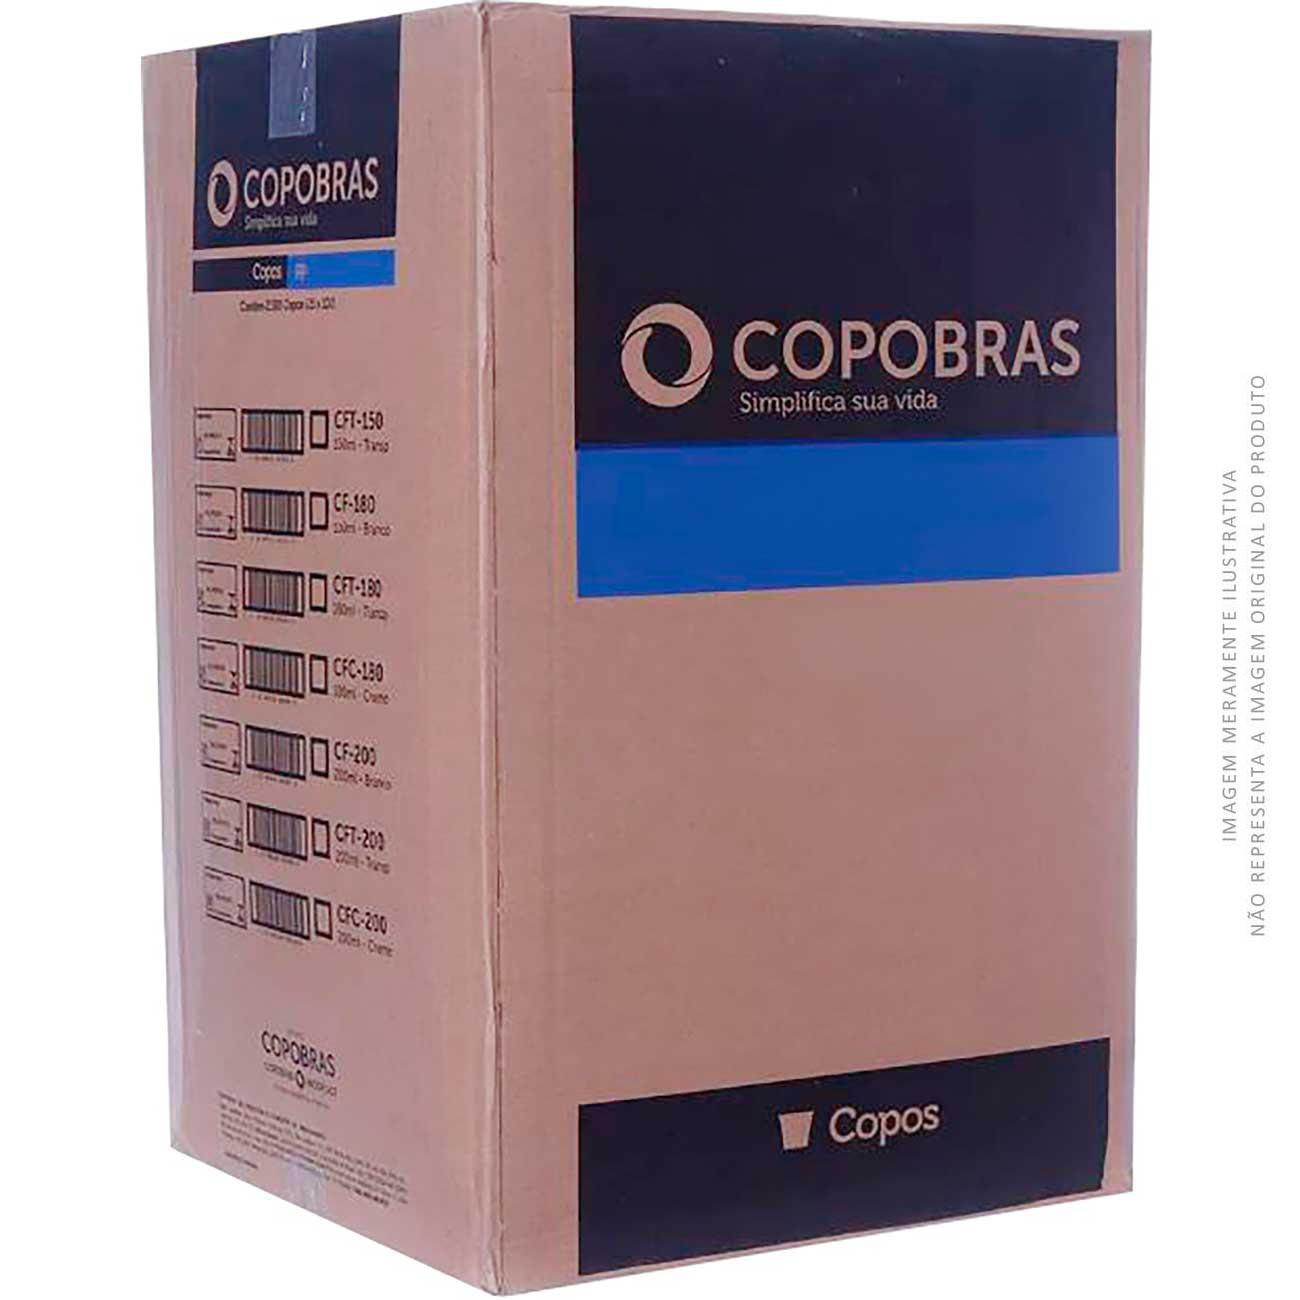 Copo Descart�vel Copobr�s Transparente Pp Biodegad�vel Cfb-050 50ml | Caixa com 5000 unidades